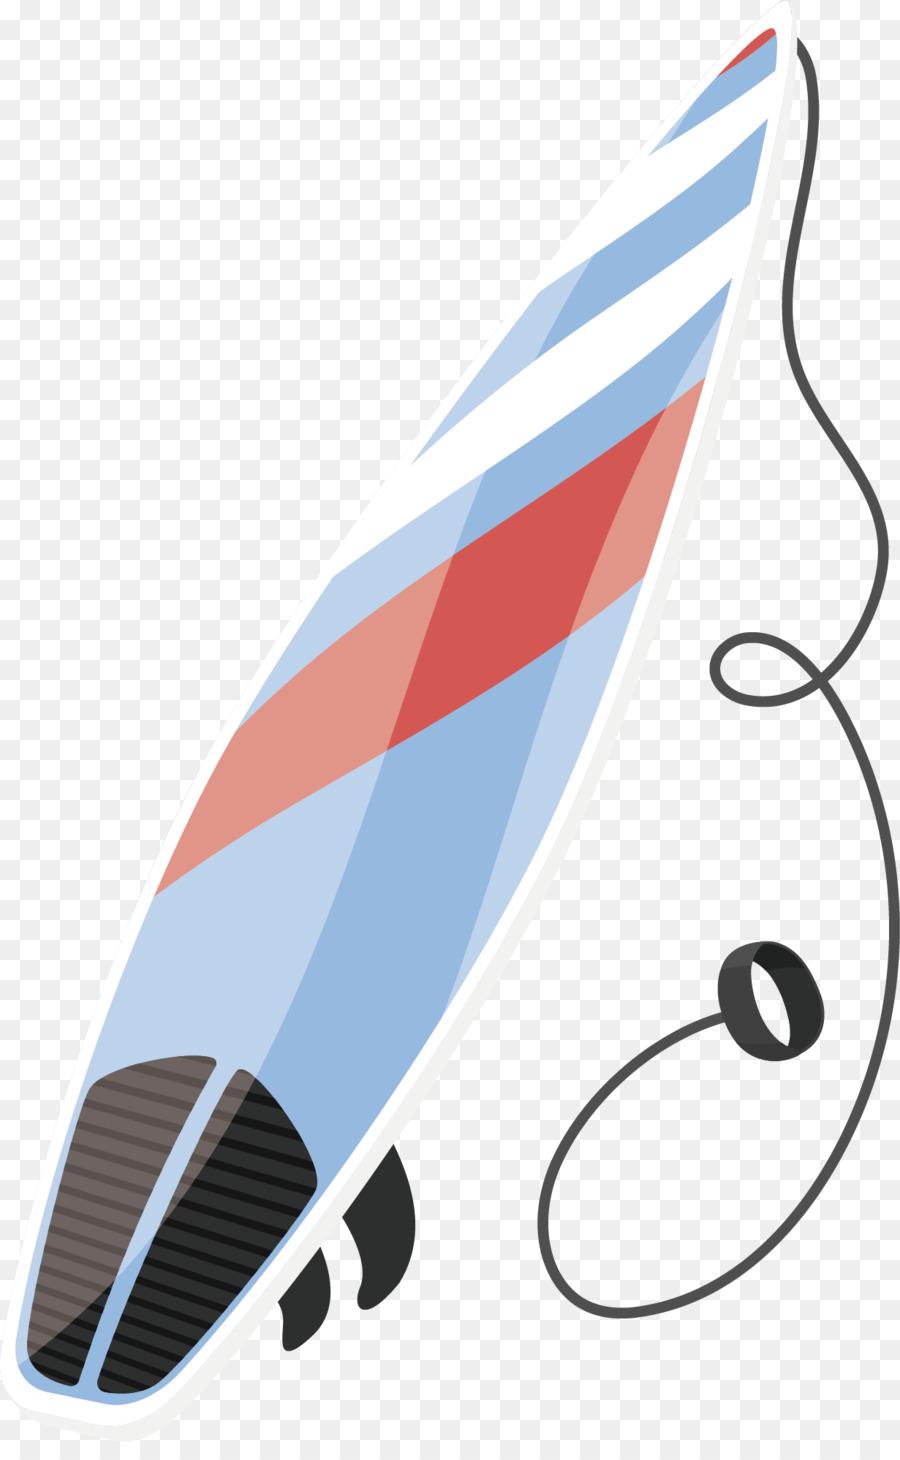 Surf Planche De Surf Dessin Png Surf Planche De Surf Dessin Transparentes Png Gratuit